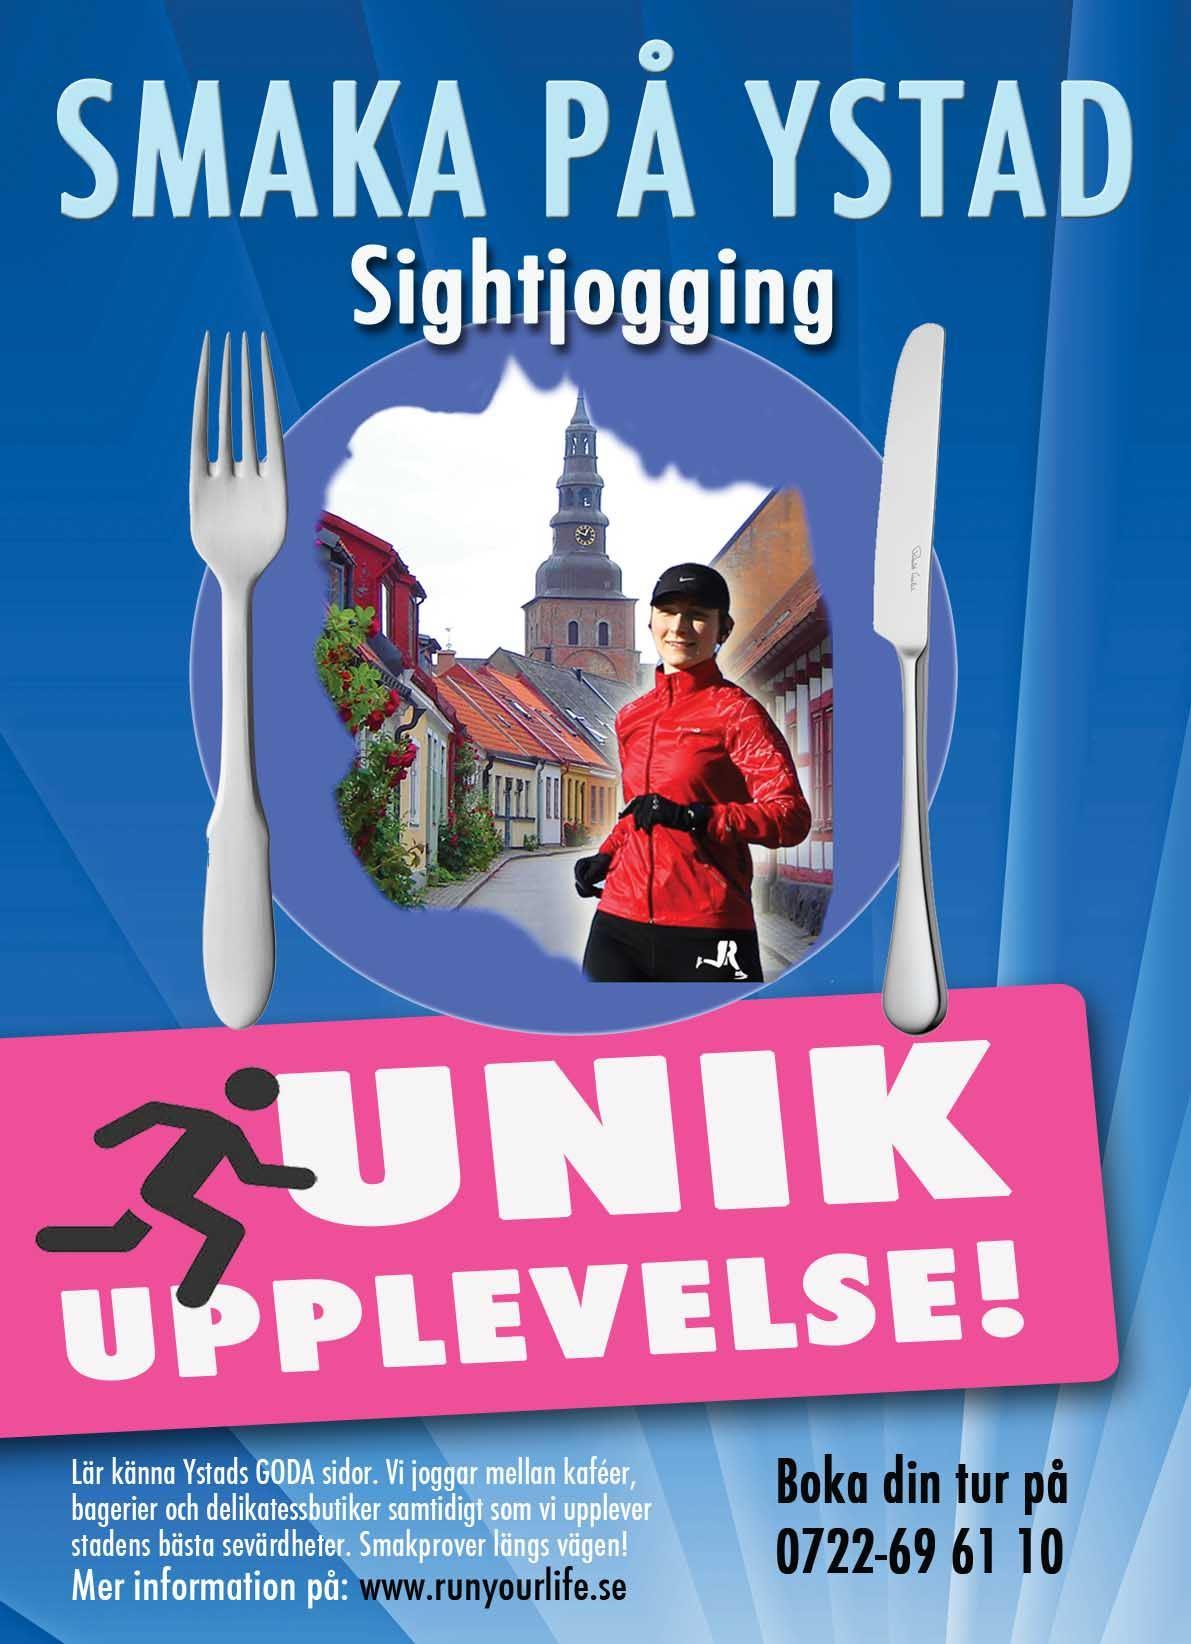 Smaka på Ystad